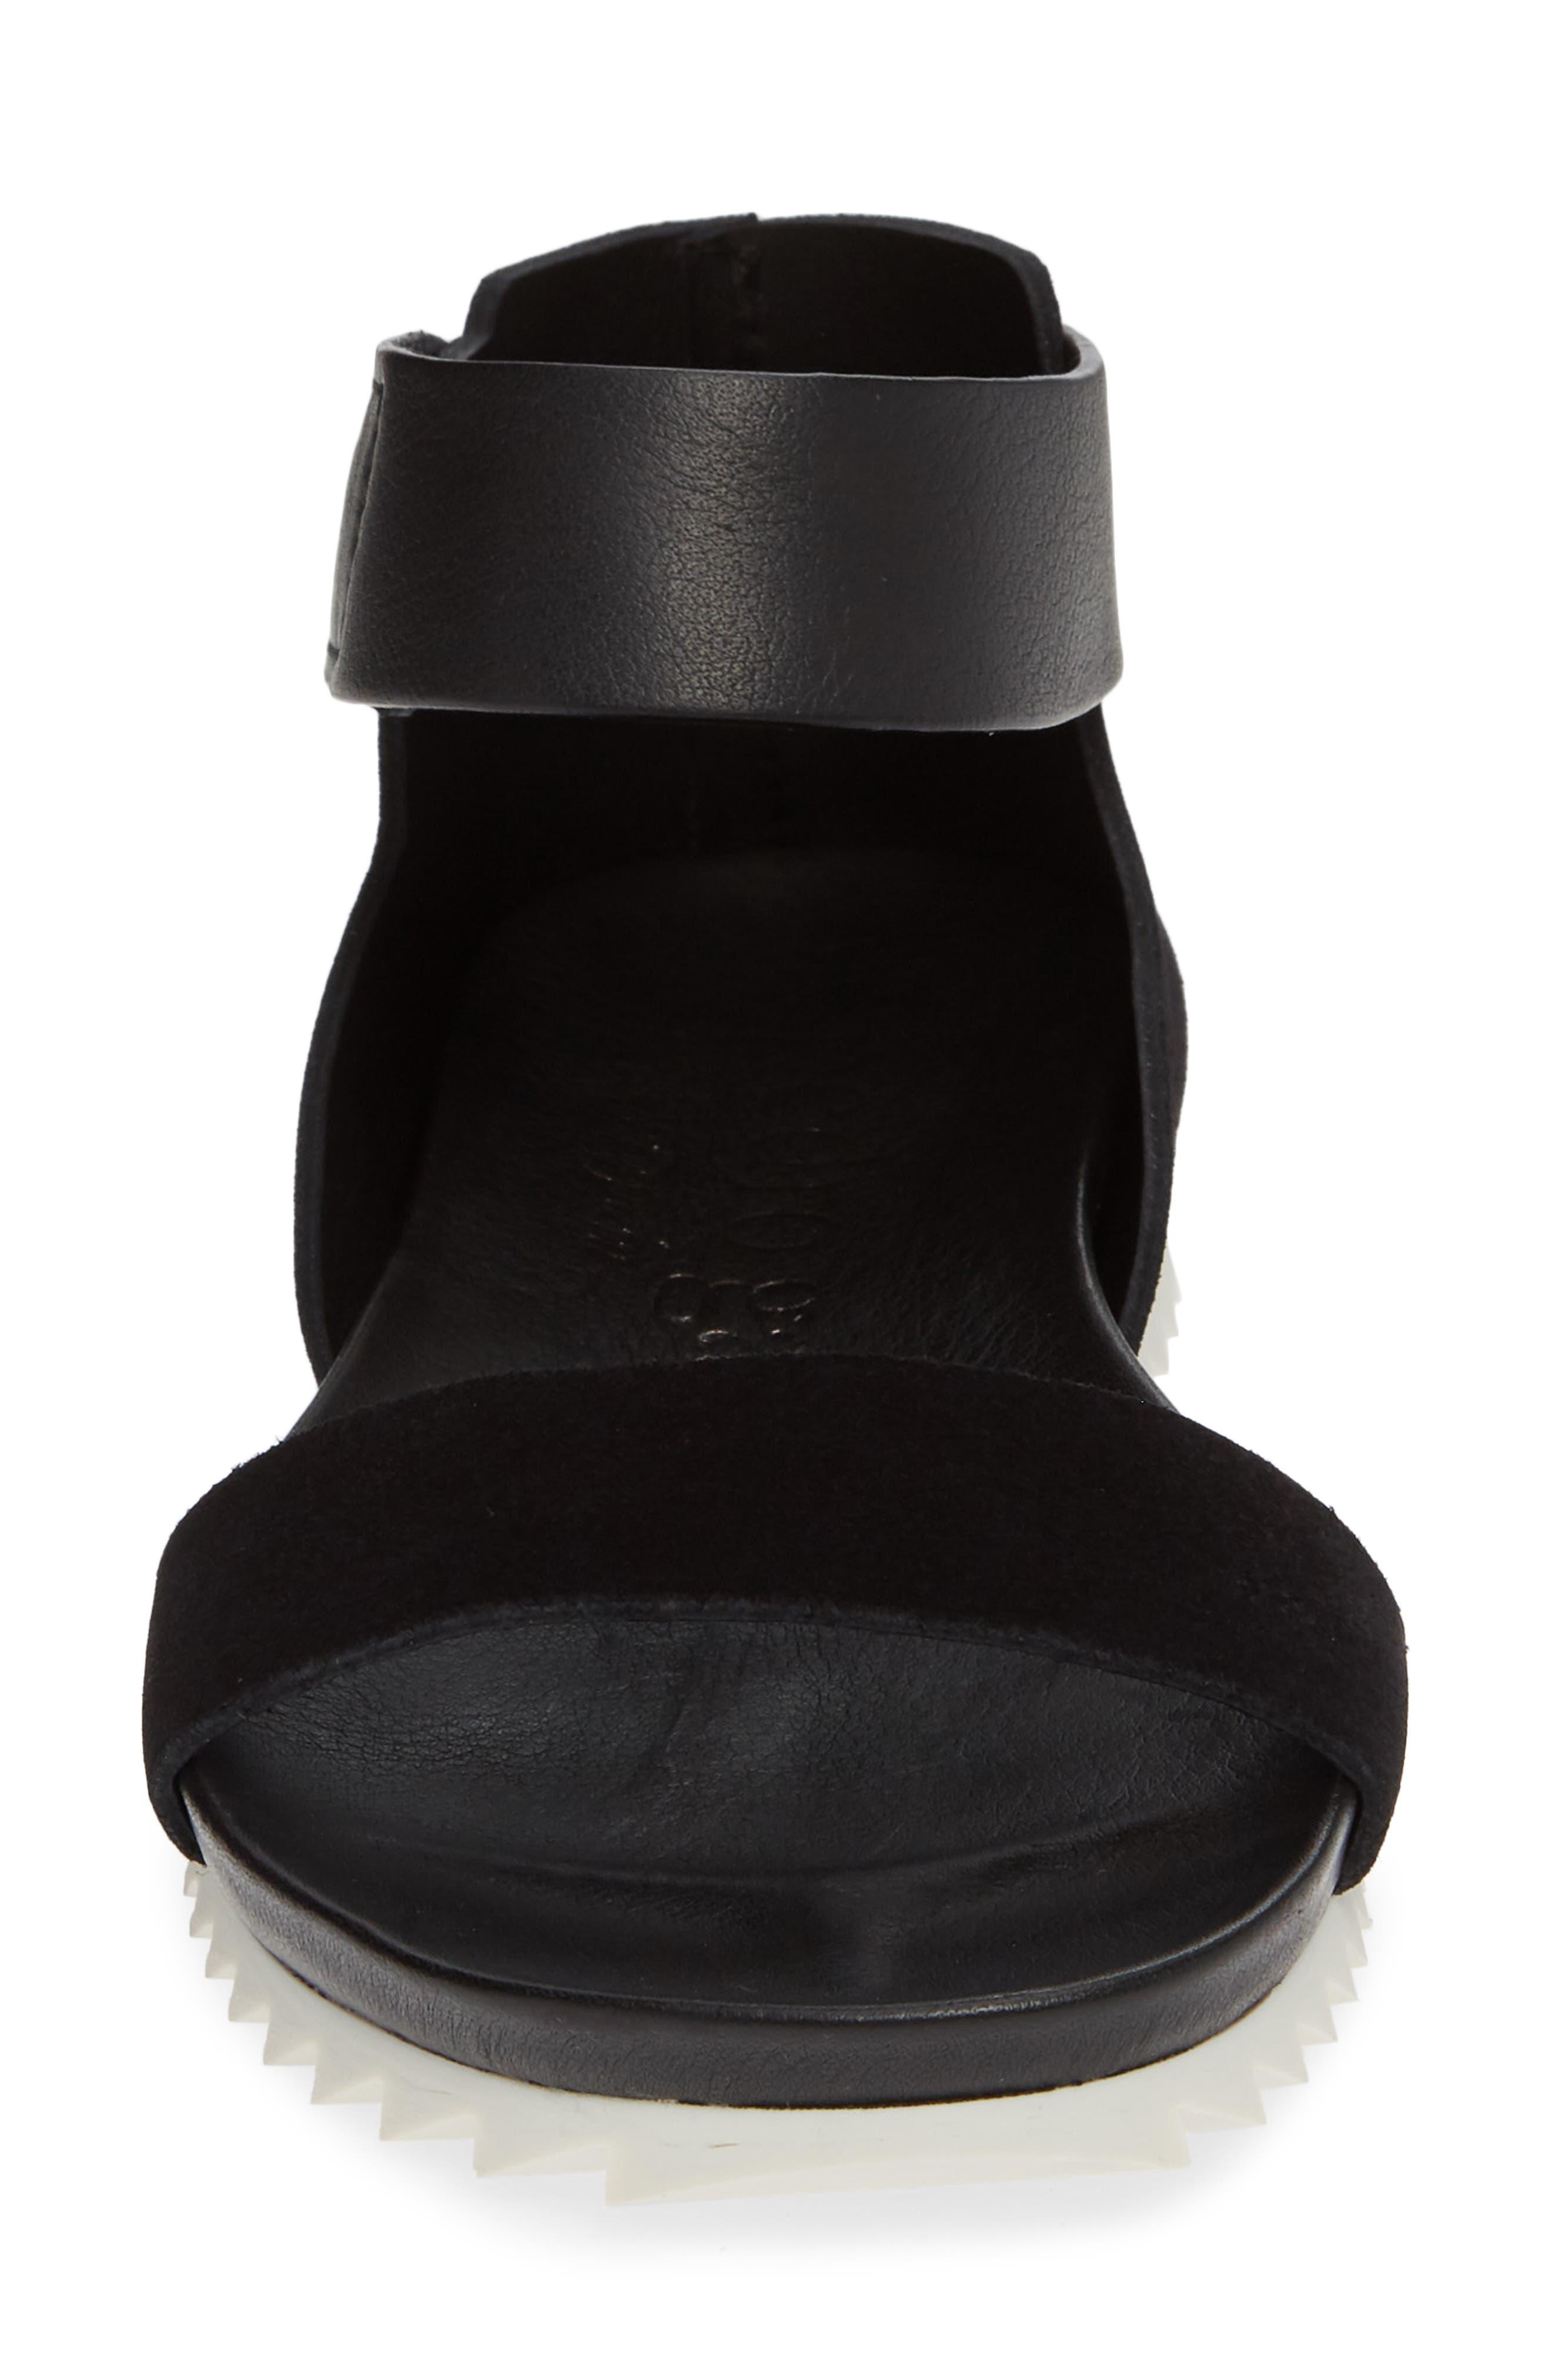 Jenile Ankle Cuff Sandal,                             Alternate thumbnail 4, color,                             BLACK CASTORO